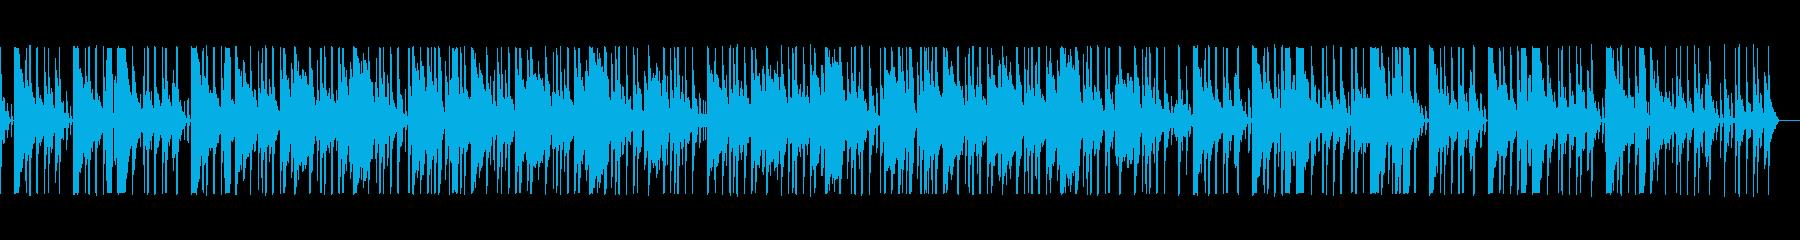 優しいローファイヒップホップの再生済みの波形